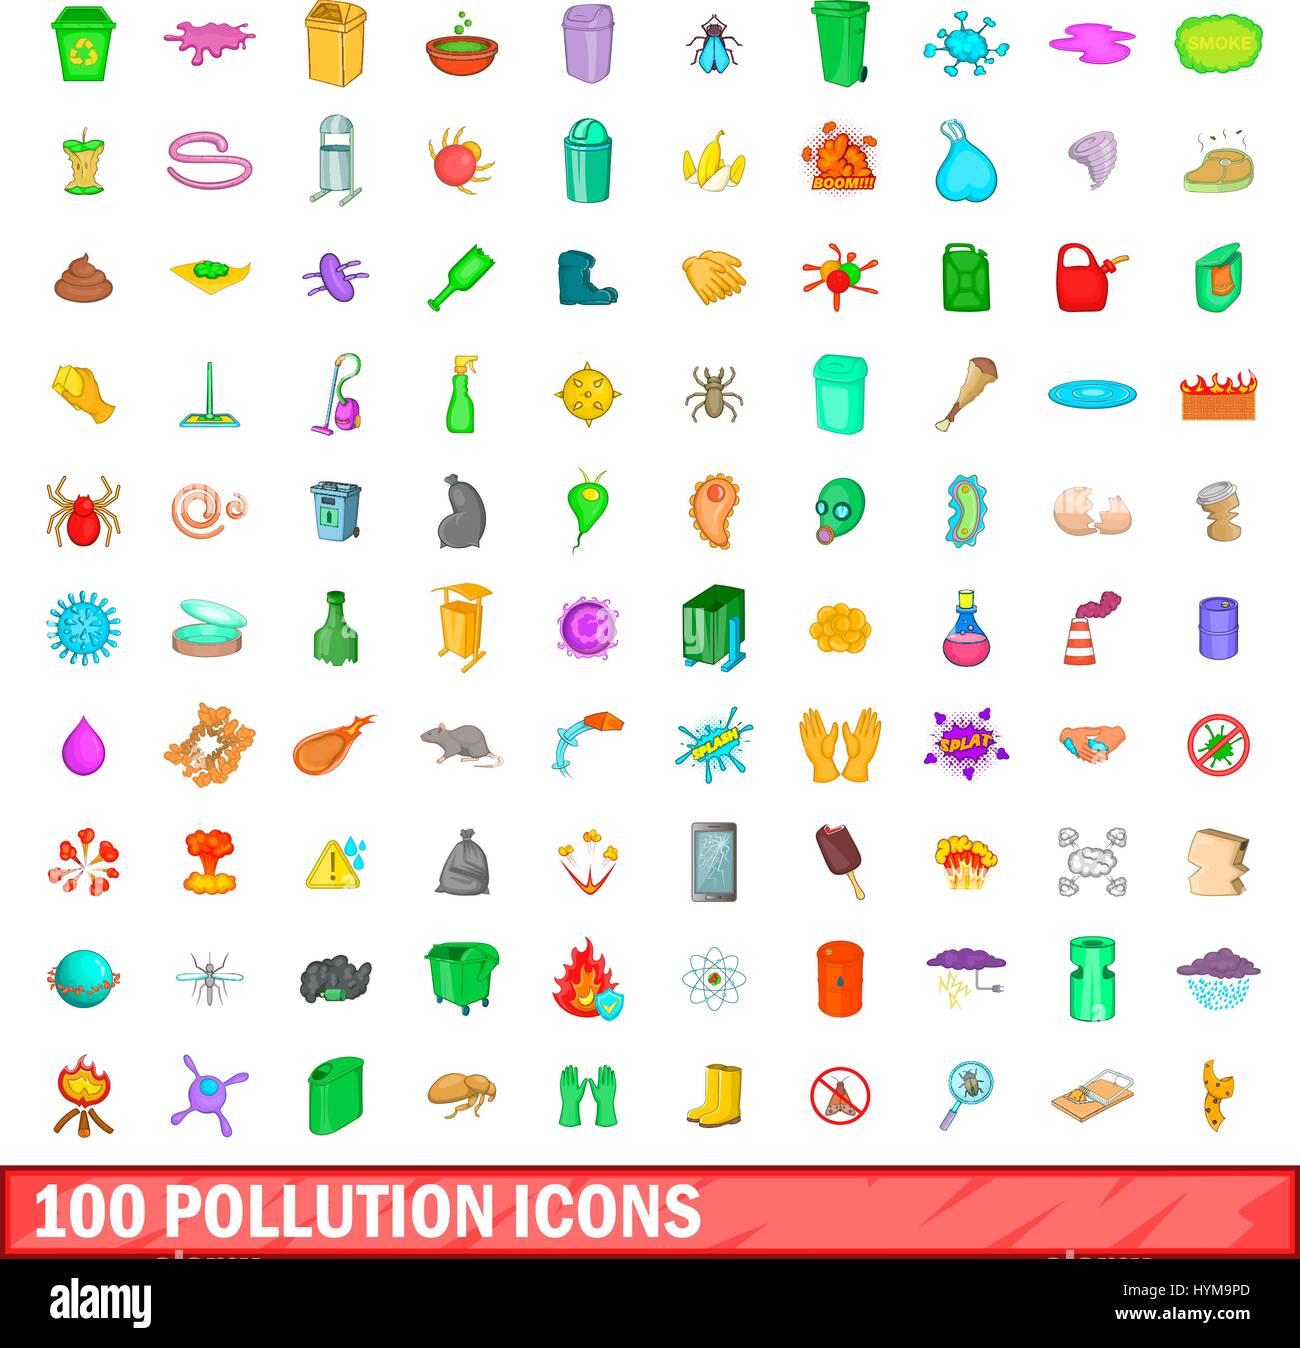 100 Iconos De La Contaminación Del Estilo De Dibujos Animados